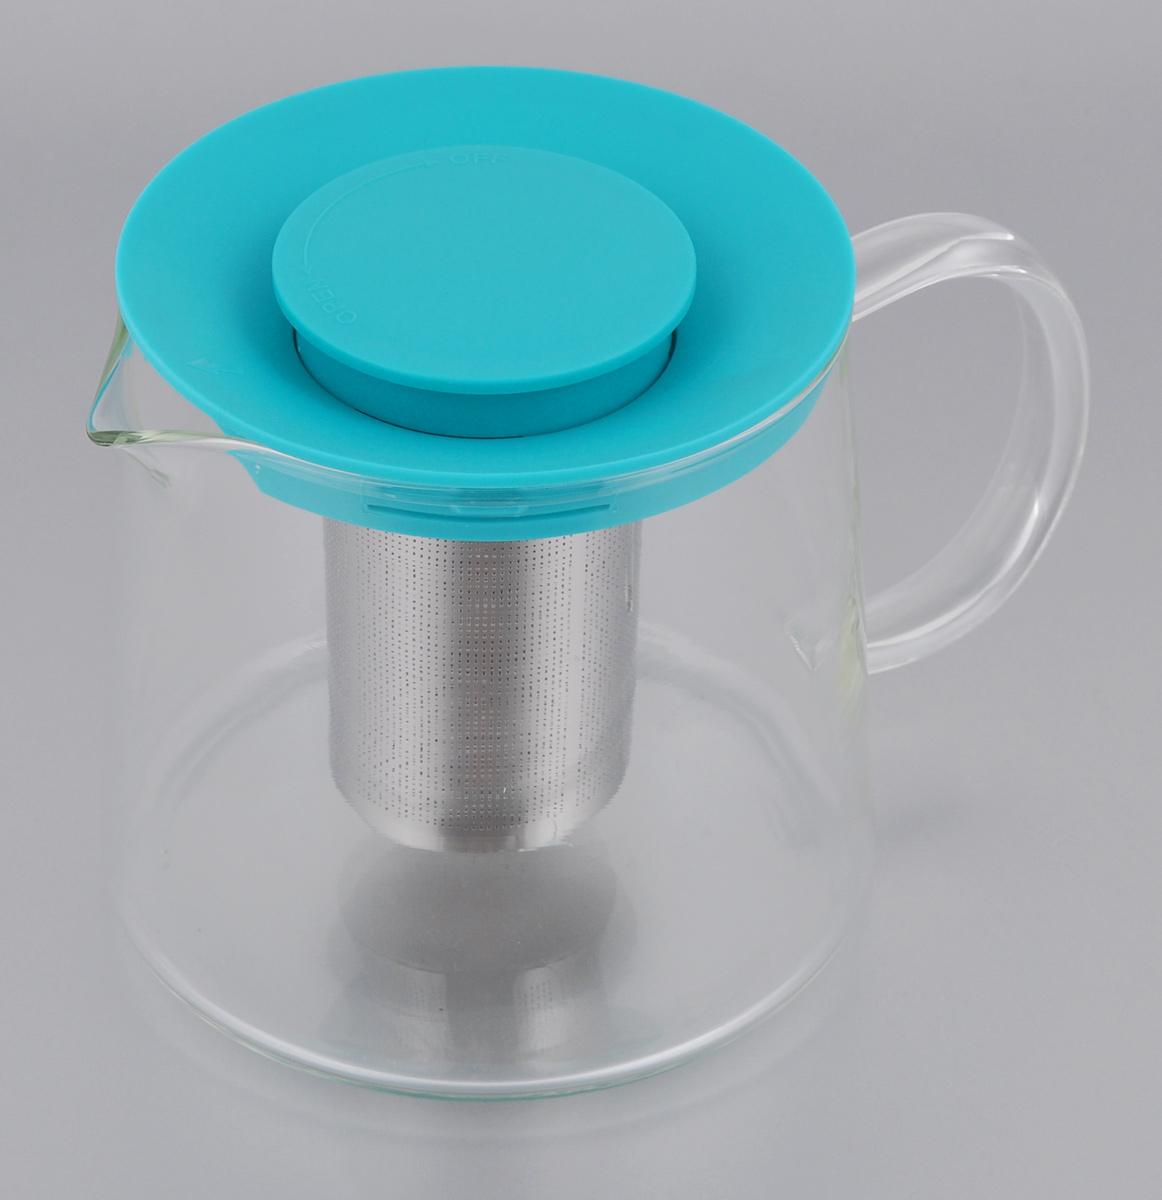 Чайник Идея Камилла, цвет: бирюзовый, прозрачный, 1 л391602Чайник Идея Камилла прекрасно подходит для заваривания чая, кофе и травяных настоев. Чайник изготовлен из высококачественного жаропрочного стекла, оснащен металлическим фильтром и пластиковой крышкой. Основные достоинства чайника: - возможность регулировать время заваривания, - возможность комбинировать напиток с различными наполнителями (специи, травы), - возможность подогрева напитка на газовой плите (при 180°С). Диаметр (по верхнему краю): 11 см. Диаметр основания: 12,5 см. Высота фильтра: 8 см. Высота чайника: 11,5 см.